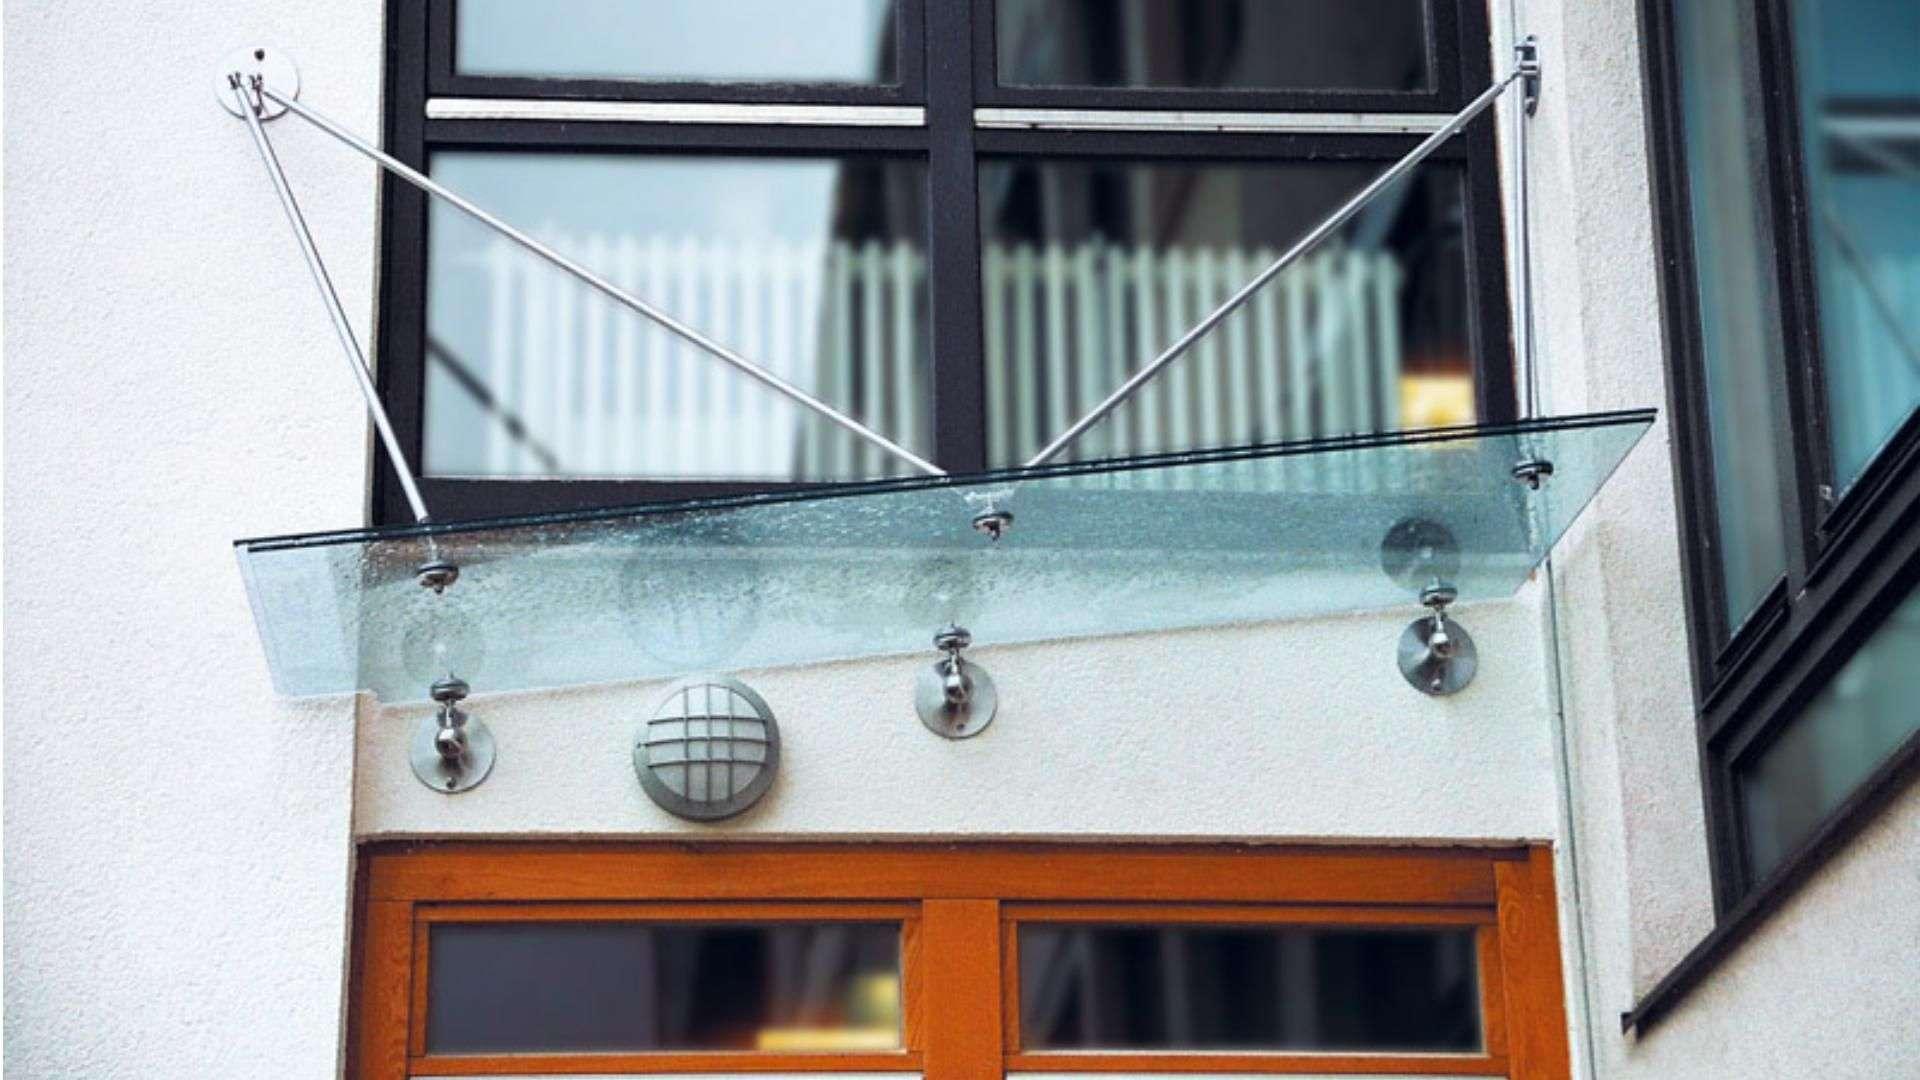 schräges Vordach aus Glas über einer Tür